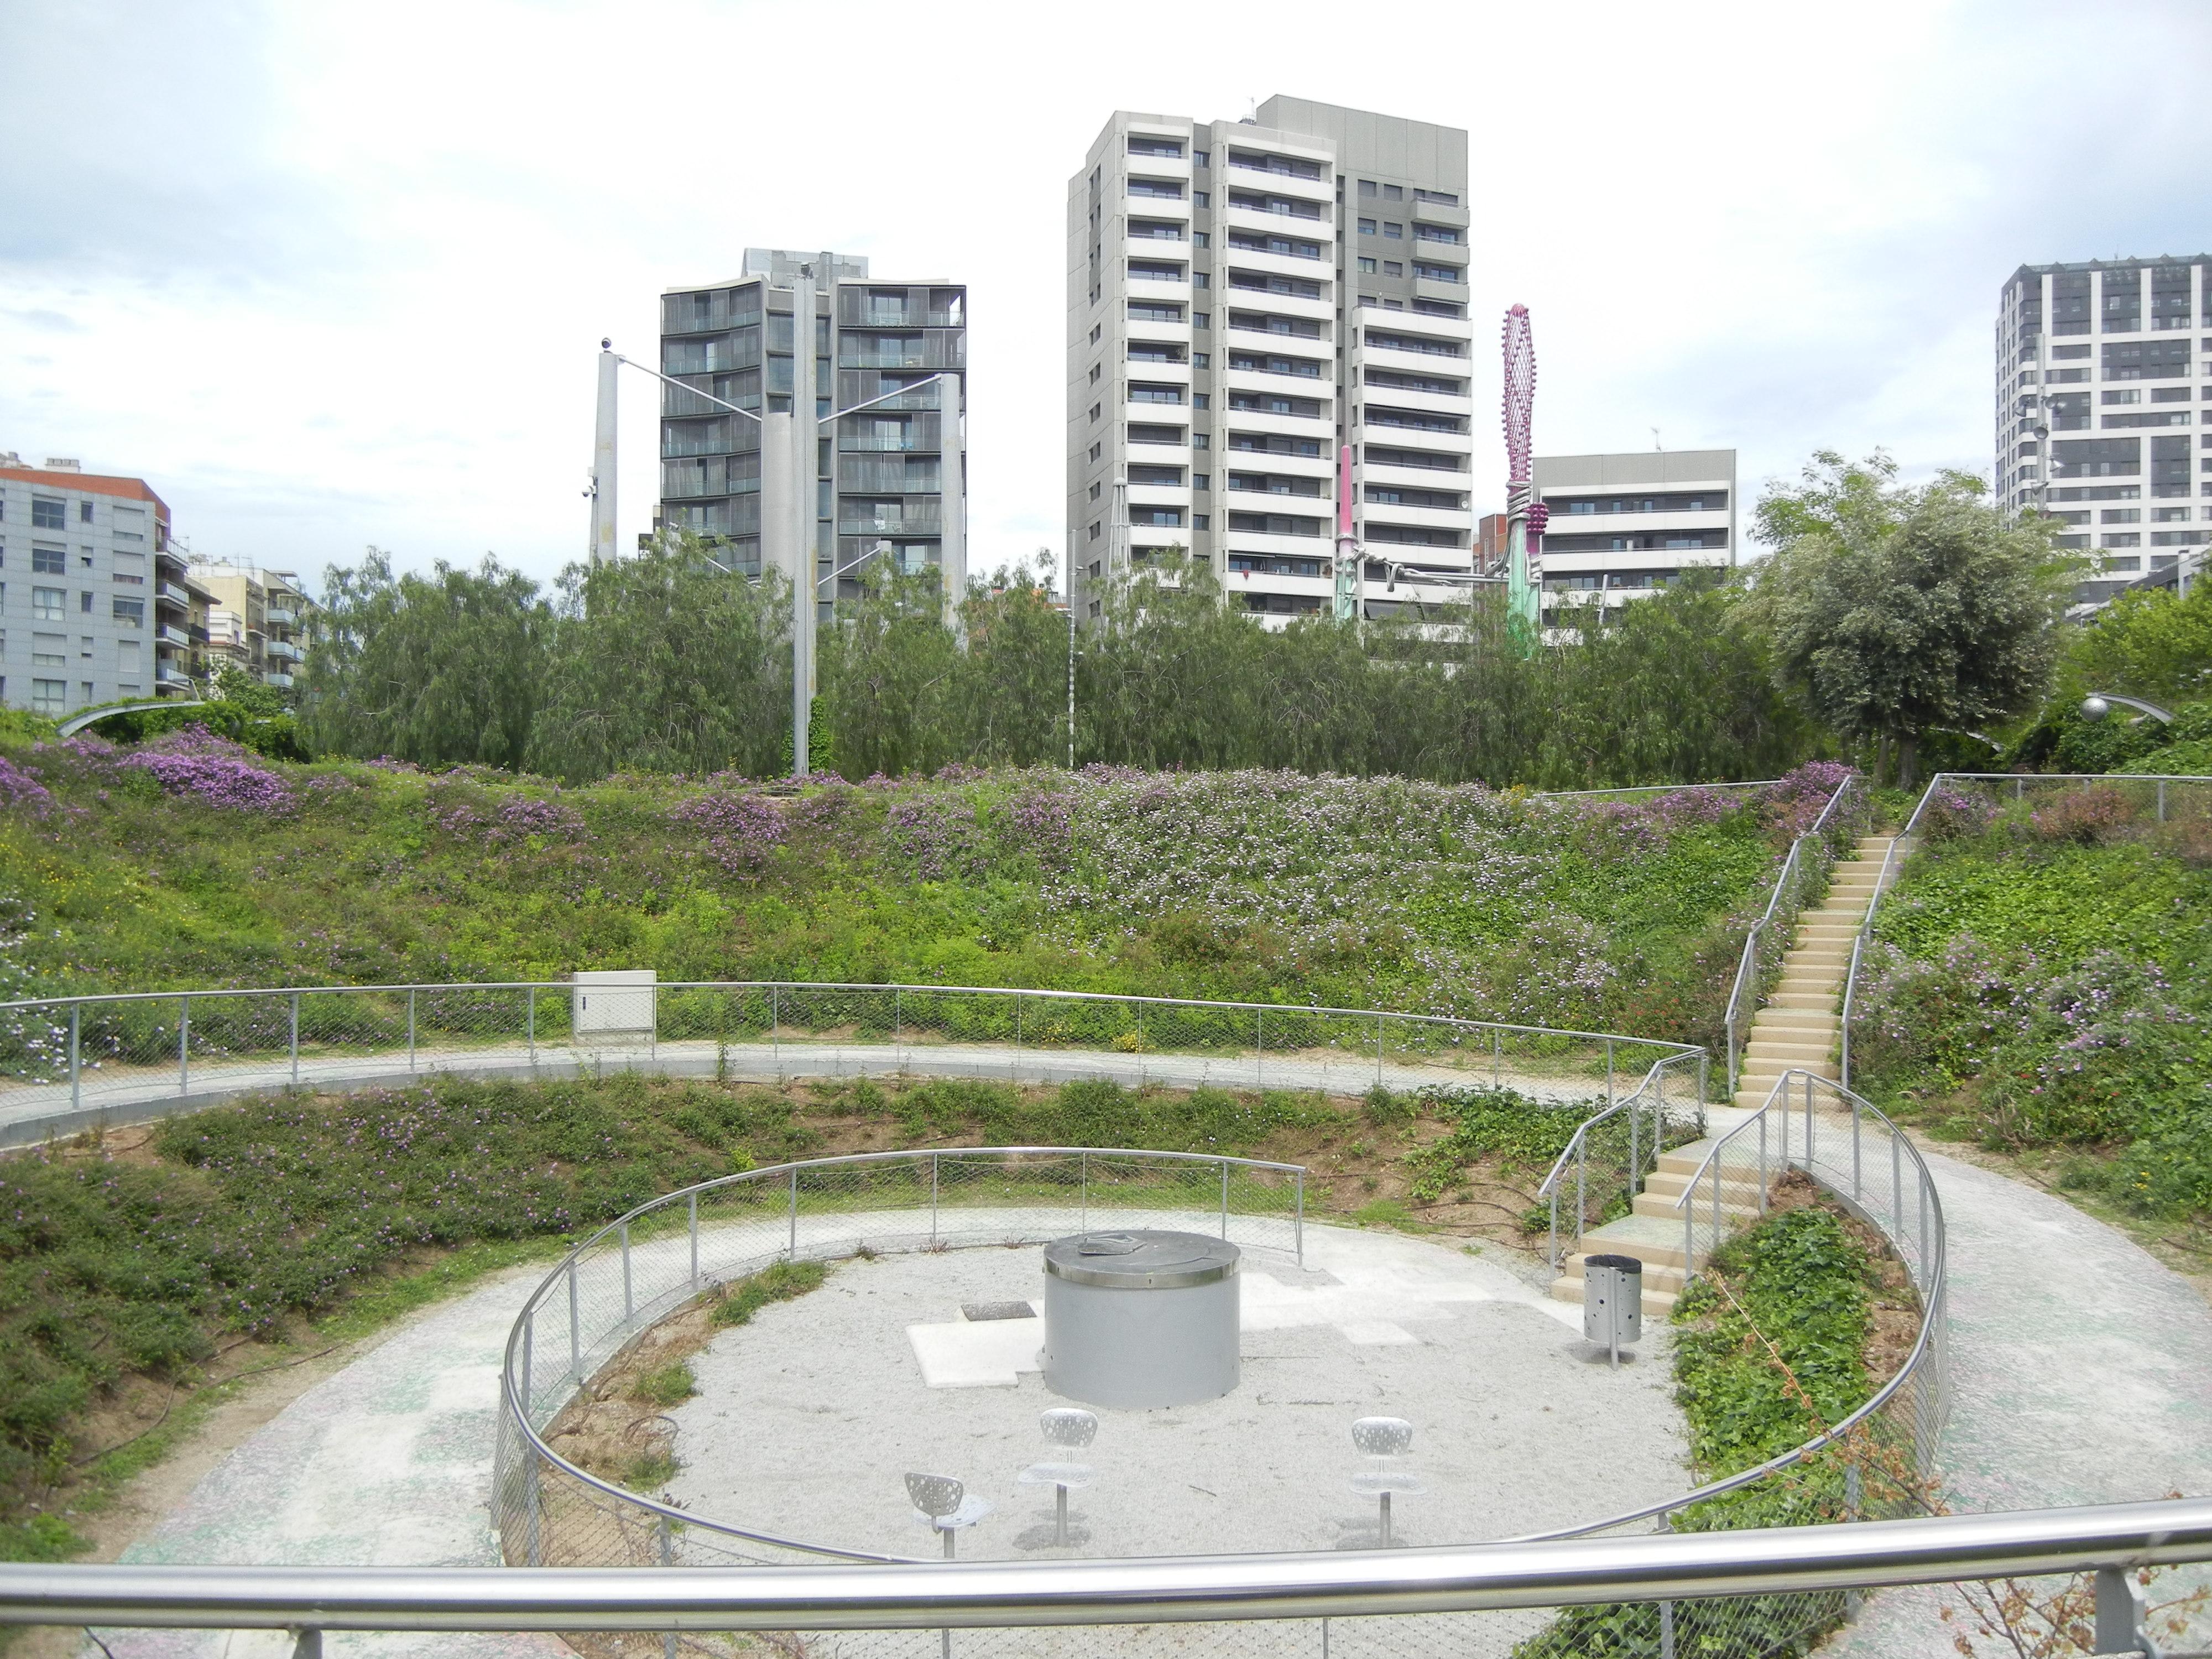 barcelona architecture 2012 cs1 week 1 parc central del poblenou. Black Bedroom Furniture Sets. Home Design Ideas